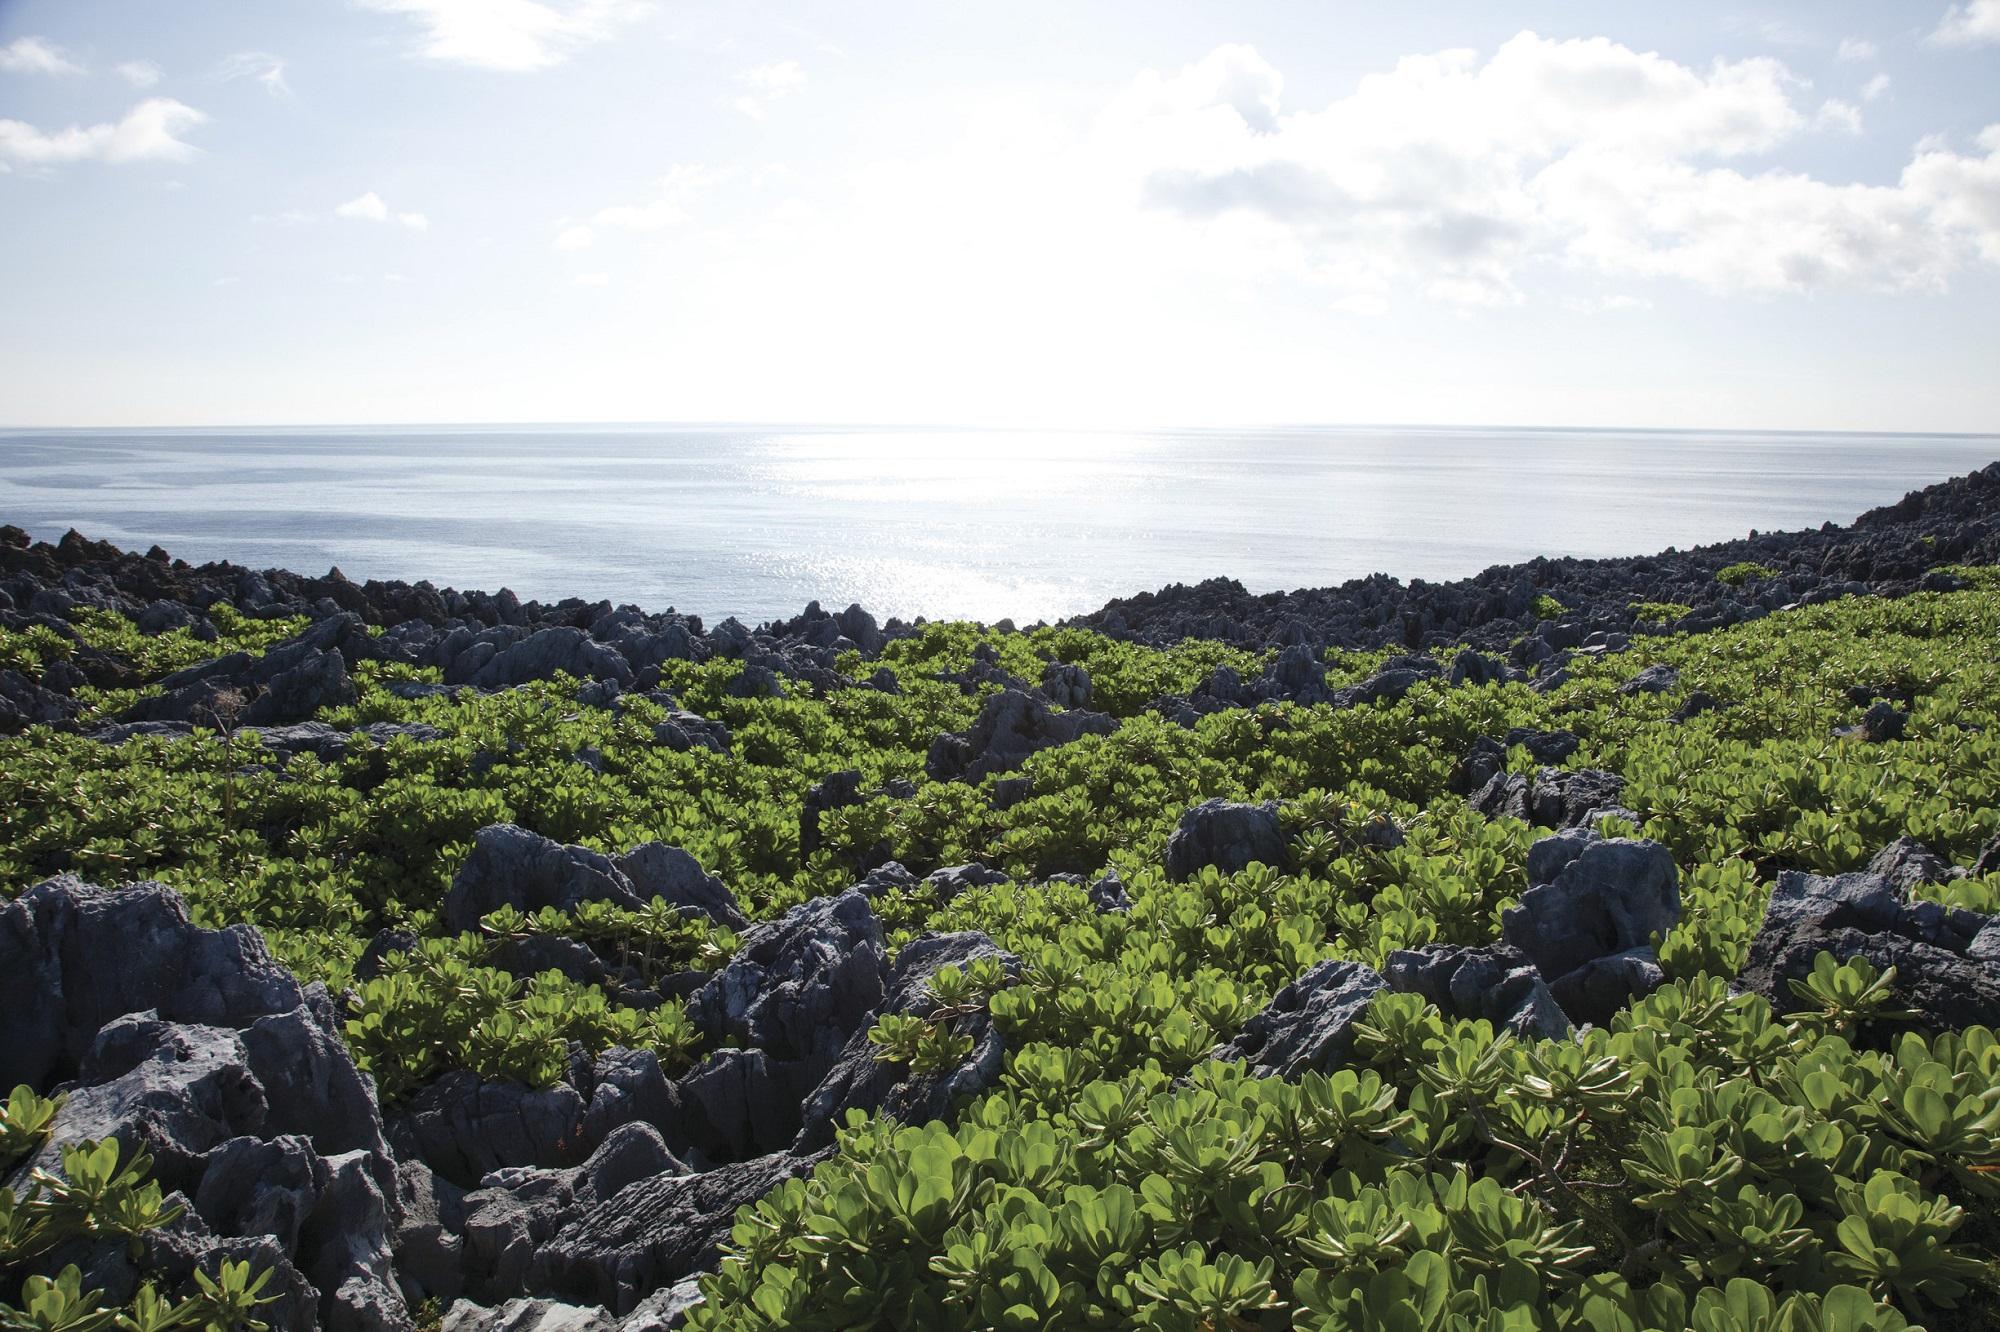 沖縄の大自然に囲まれながら日常を送れる・本島北部「国頭村(くにがみそん)」移住取組として空き家活用住宅や移住体験住宅も整備